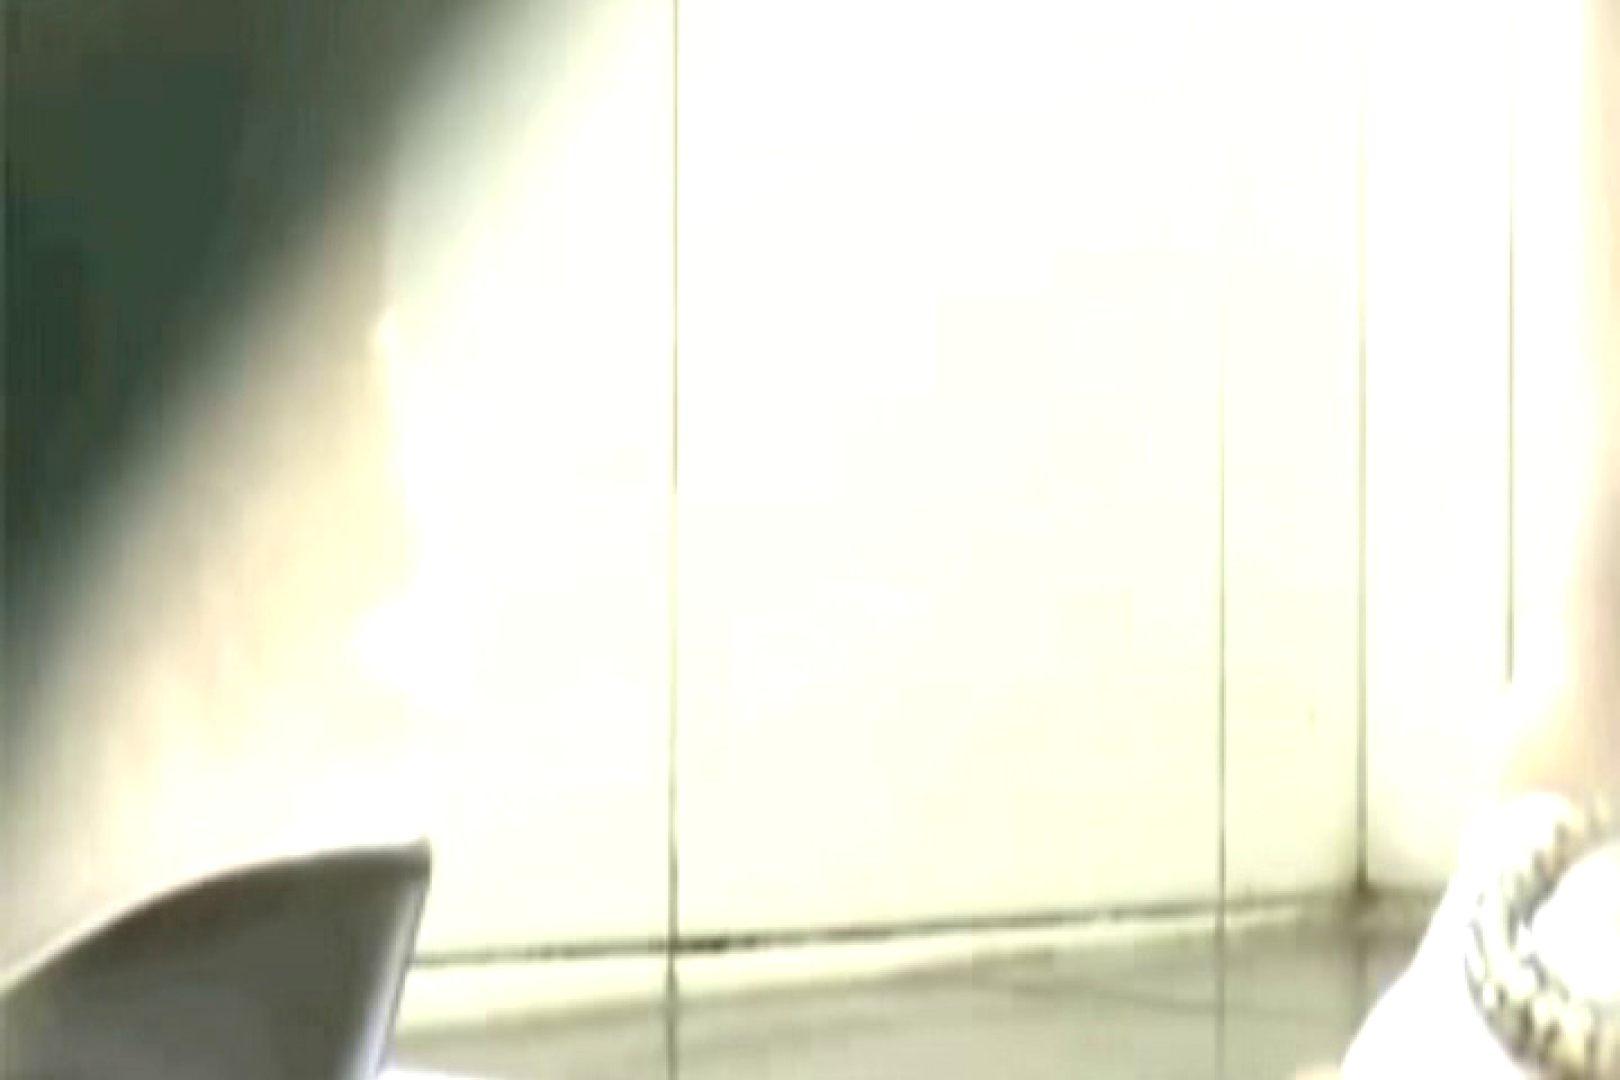 ぼっとん洗面所スペシャルVol.10 丸見え 覗きスケベ動画紹介 20pic 14